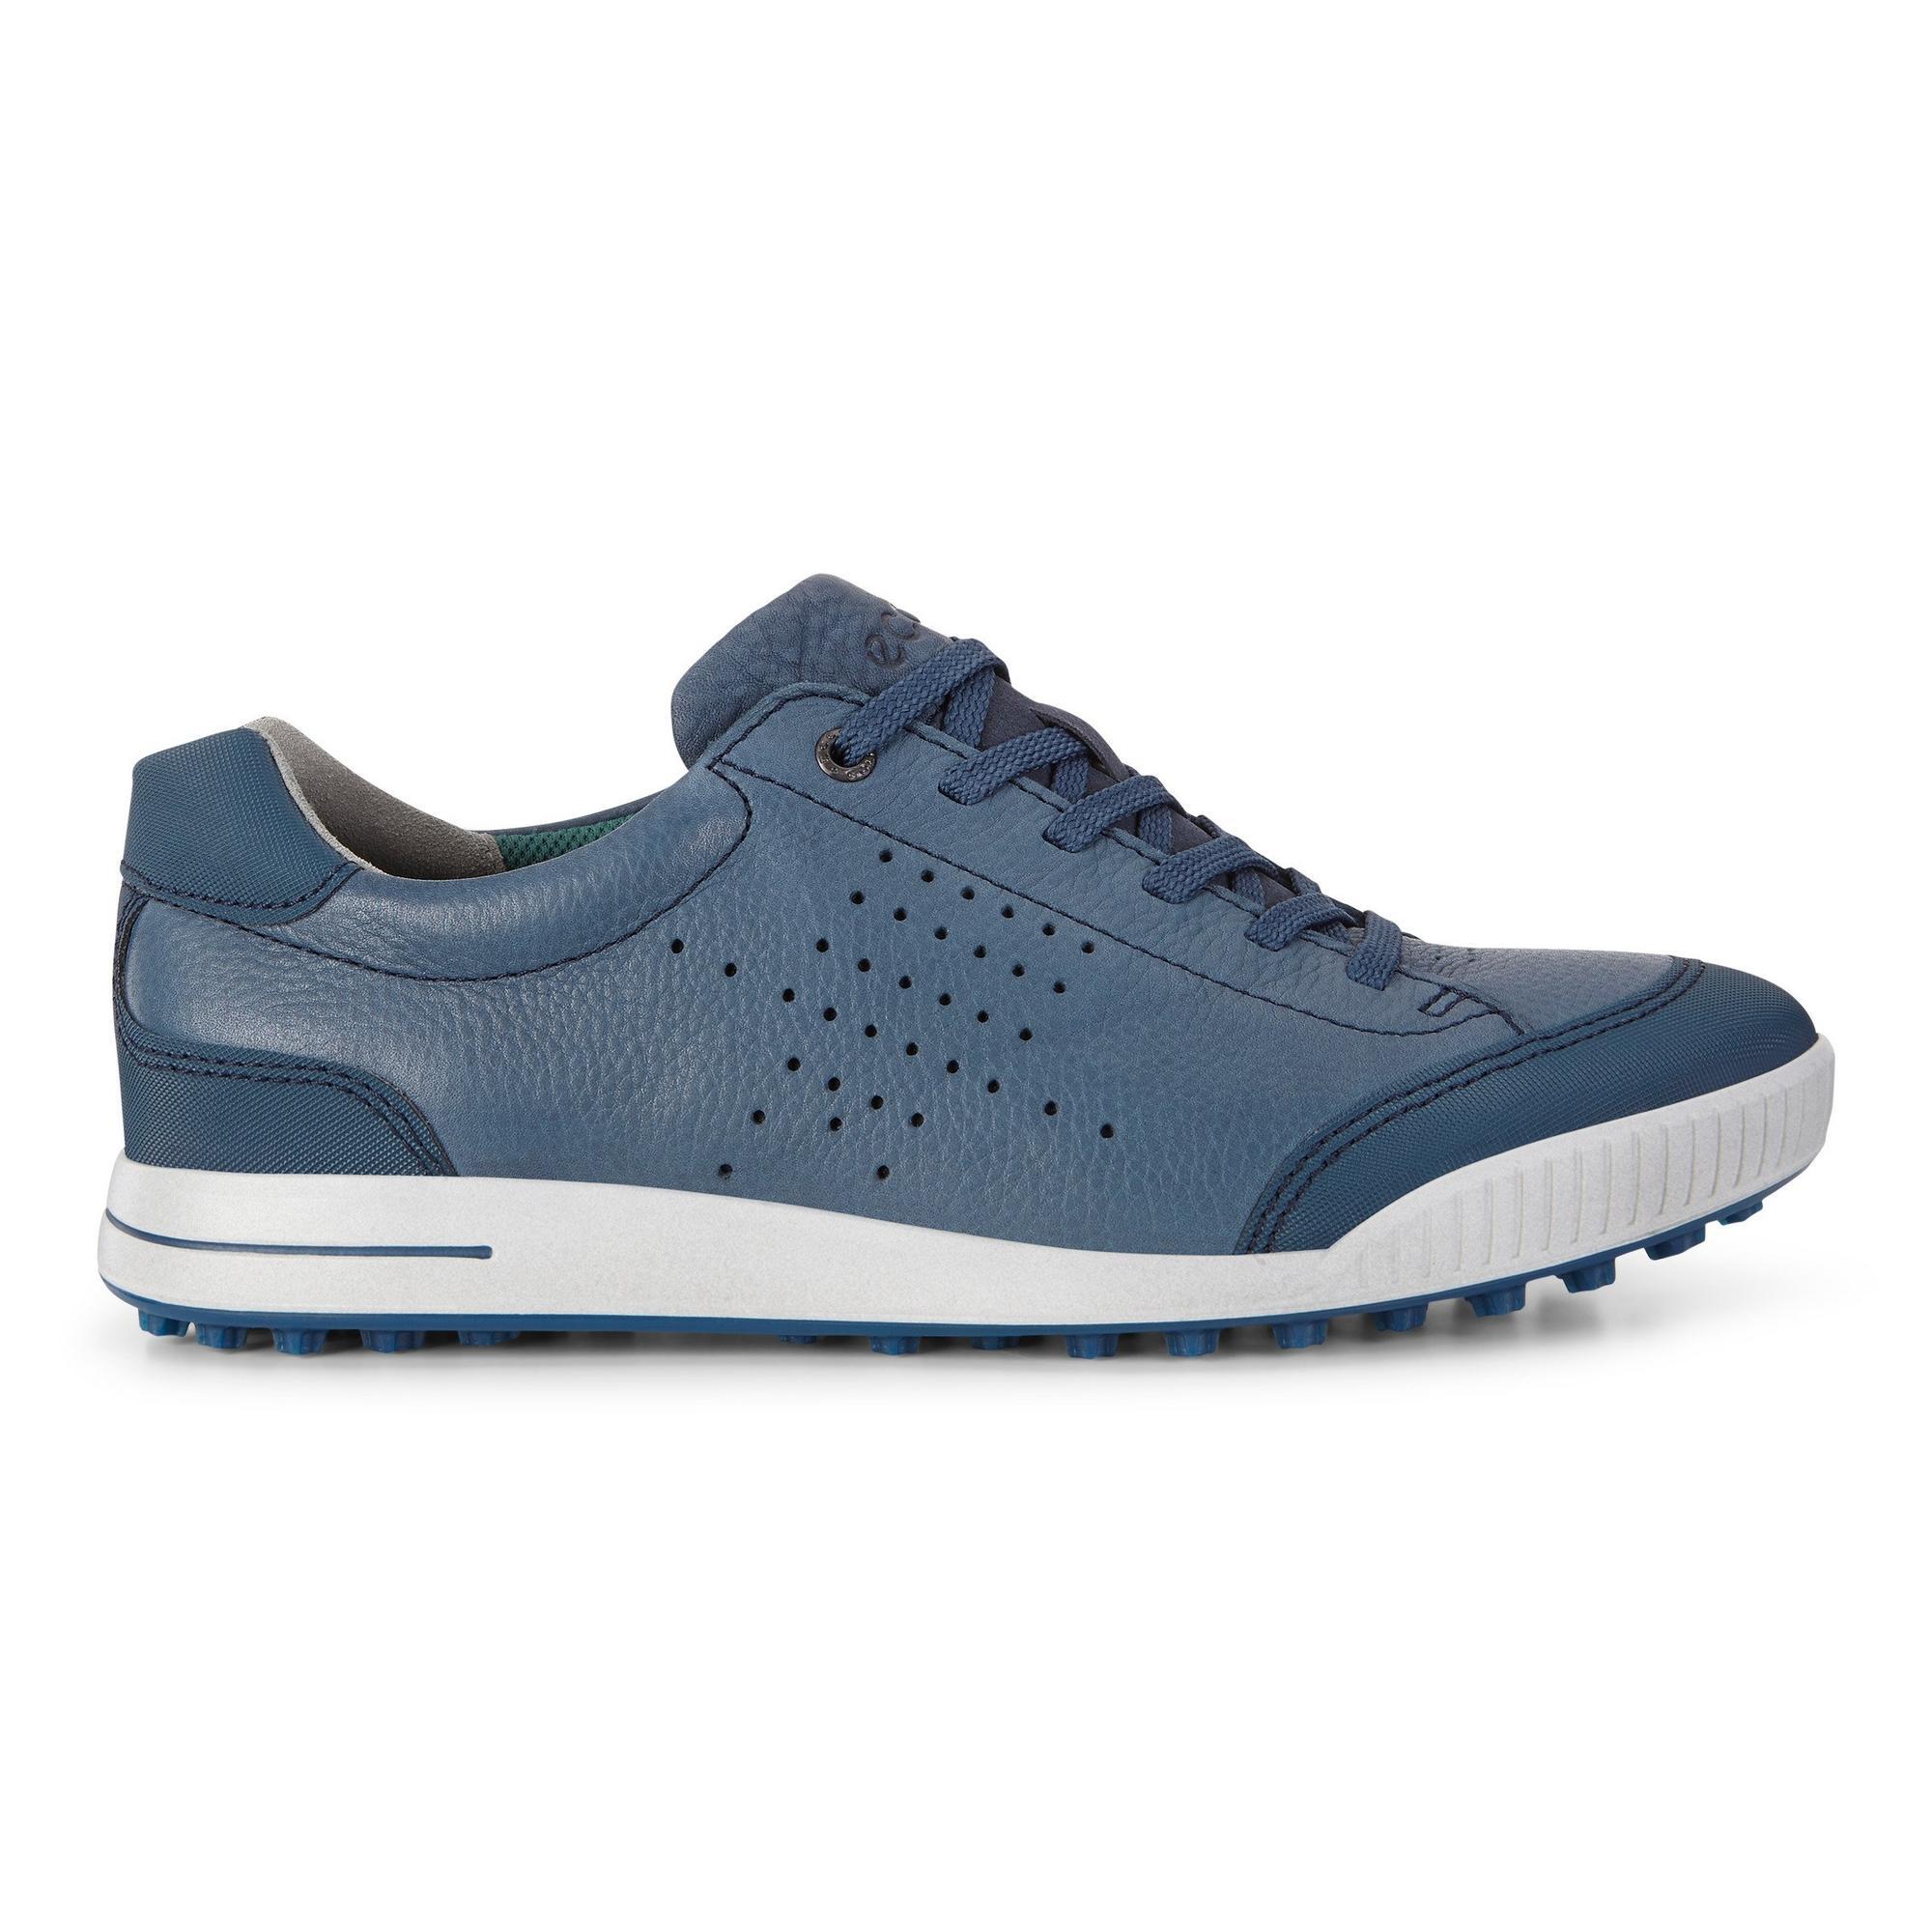 Men's Golf Street Retro Spikeless Golf Shoe - BLU/BLU